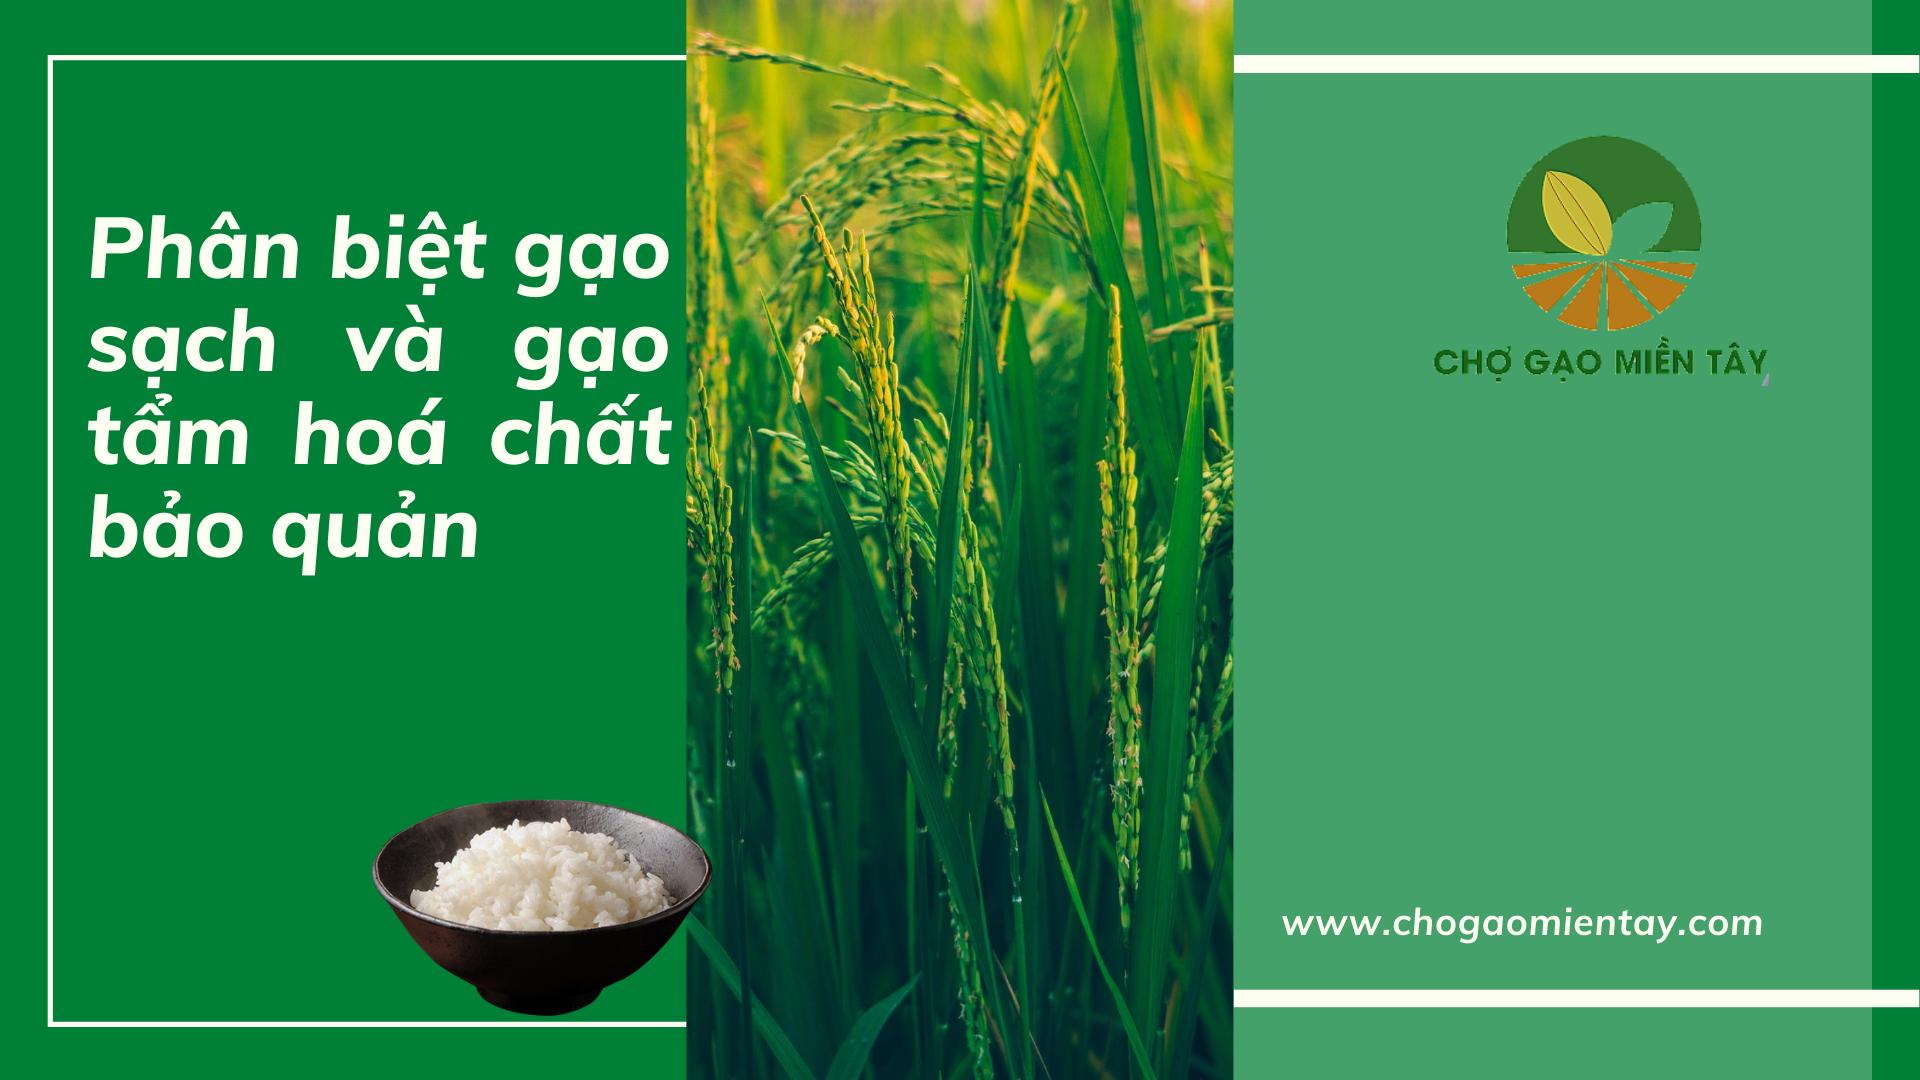 phân biệt gạo sạch và gạo chứa chất bảo quản